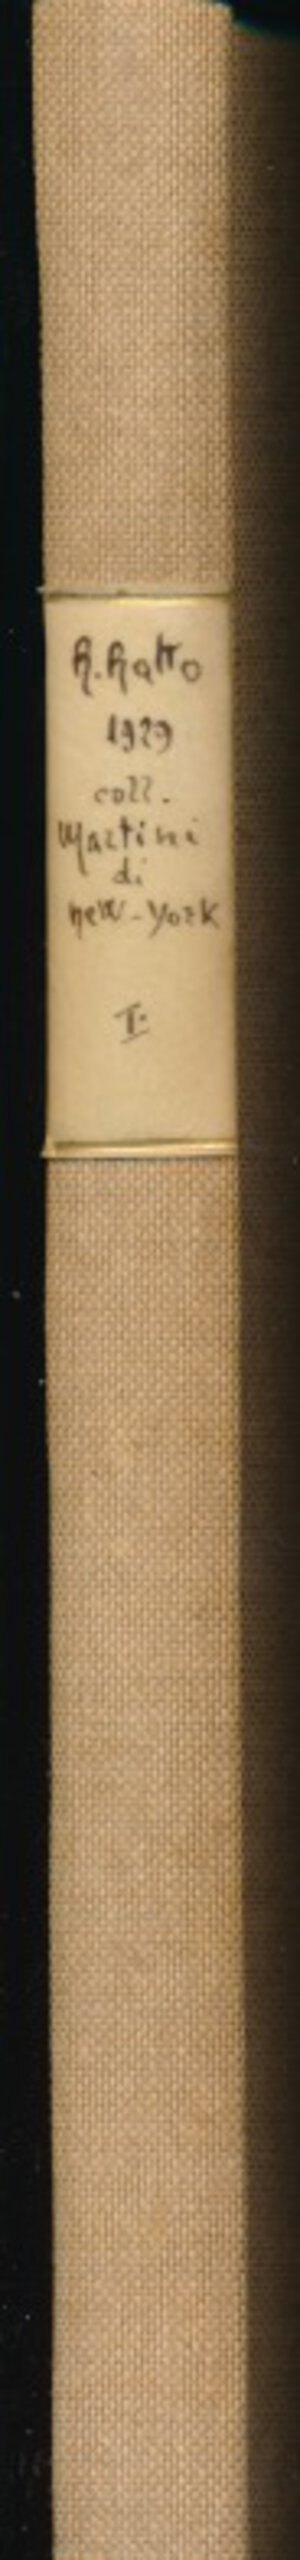 obverse: RATTO R. - Asta 30 Gennaio 1929 Lugano. Collezione Giuseppe Martini di New York. Monete italiane. Parte prima Zecche dell Italia settentrionale e dell Emilia. Pp. 83 + 35 tavole. Rilegatura rigida in tela. Ottimo stato.